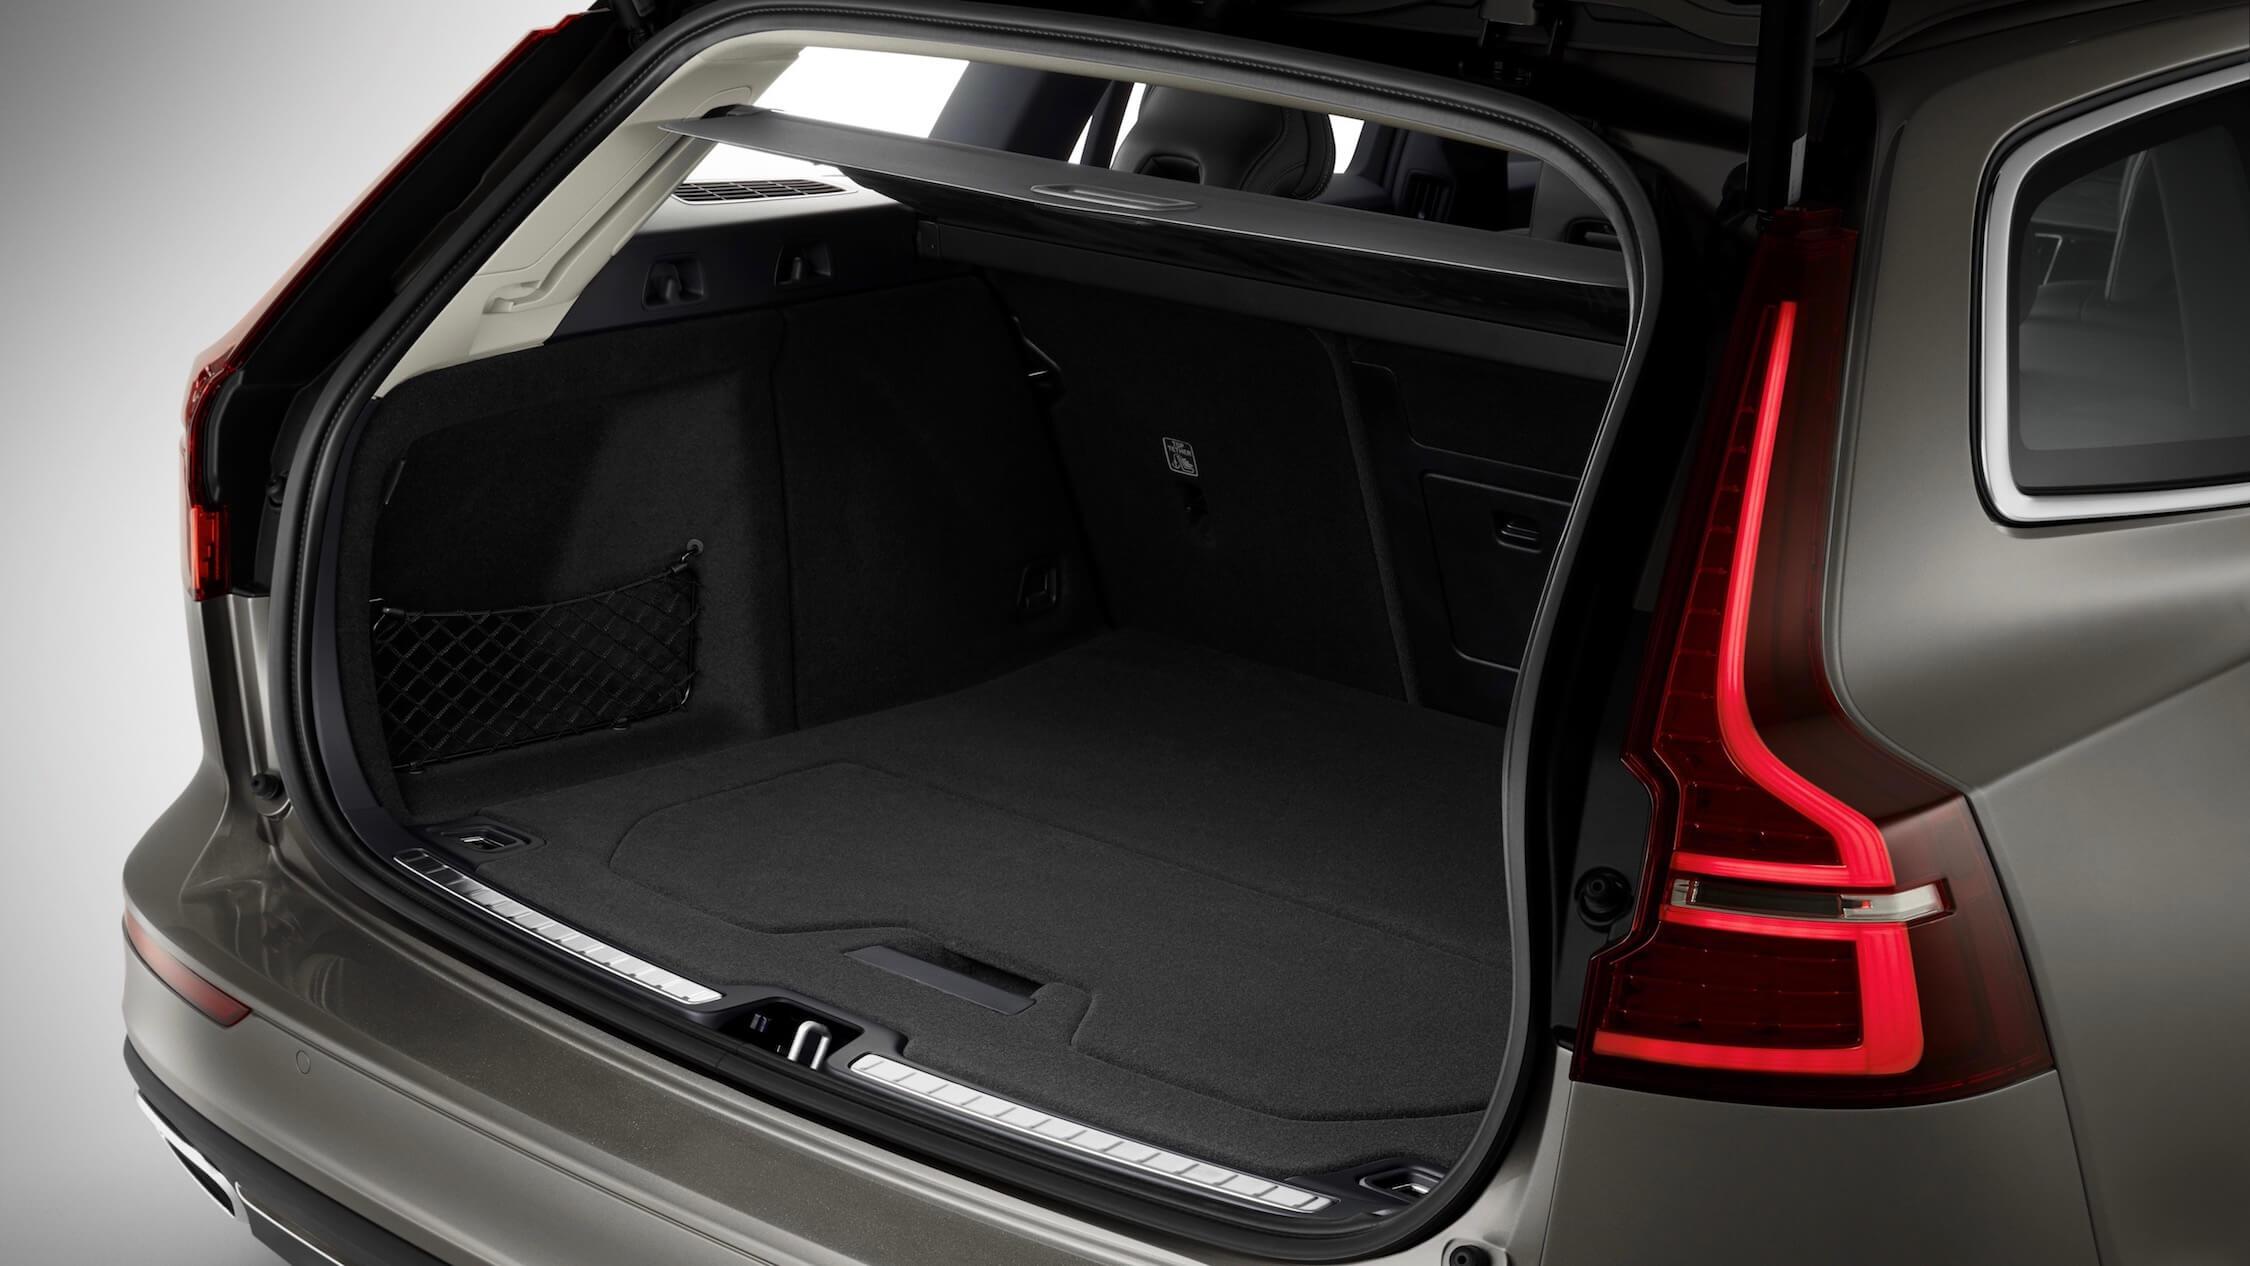 Volvo V60 híbrido plug-in porta-bagagens